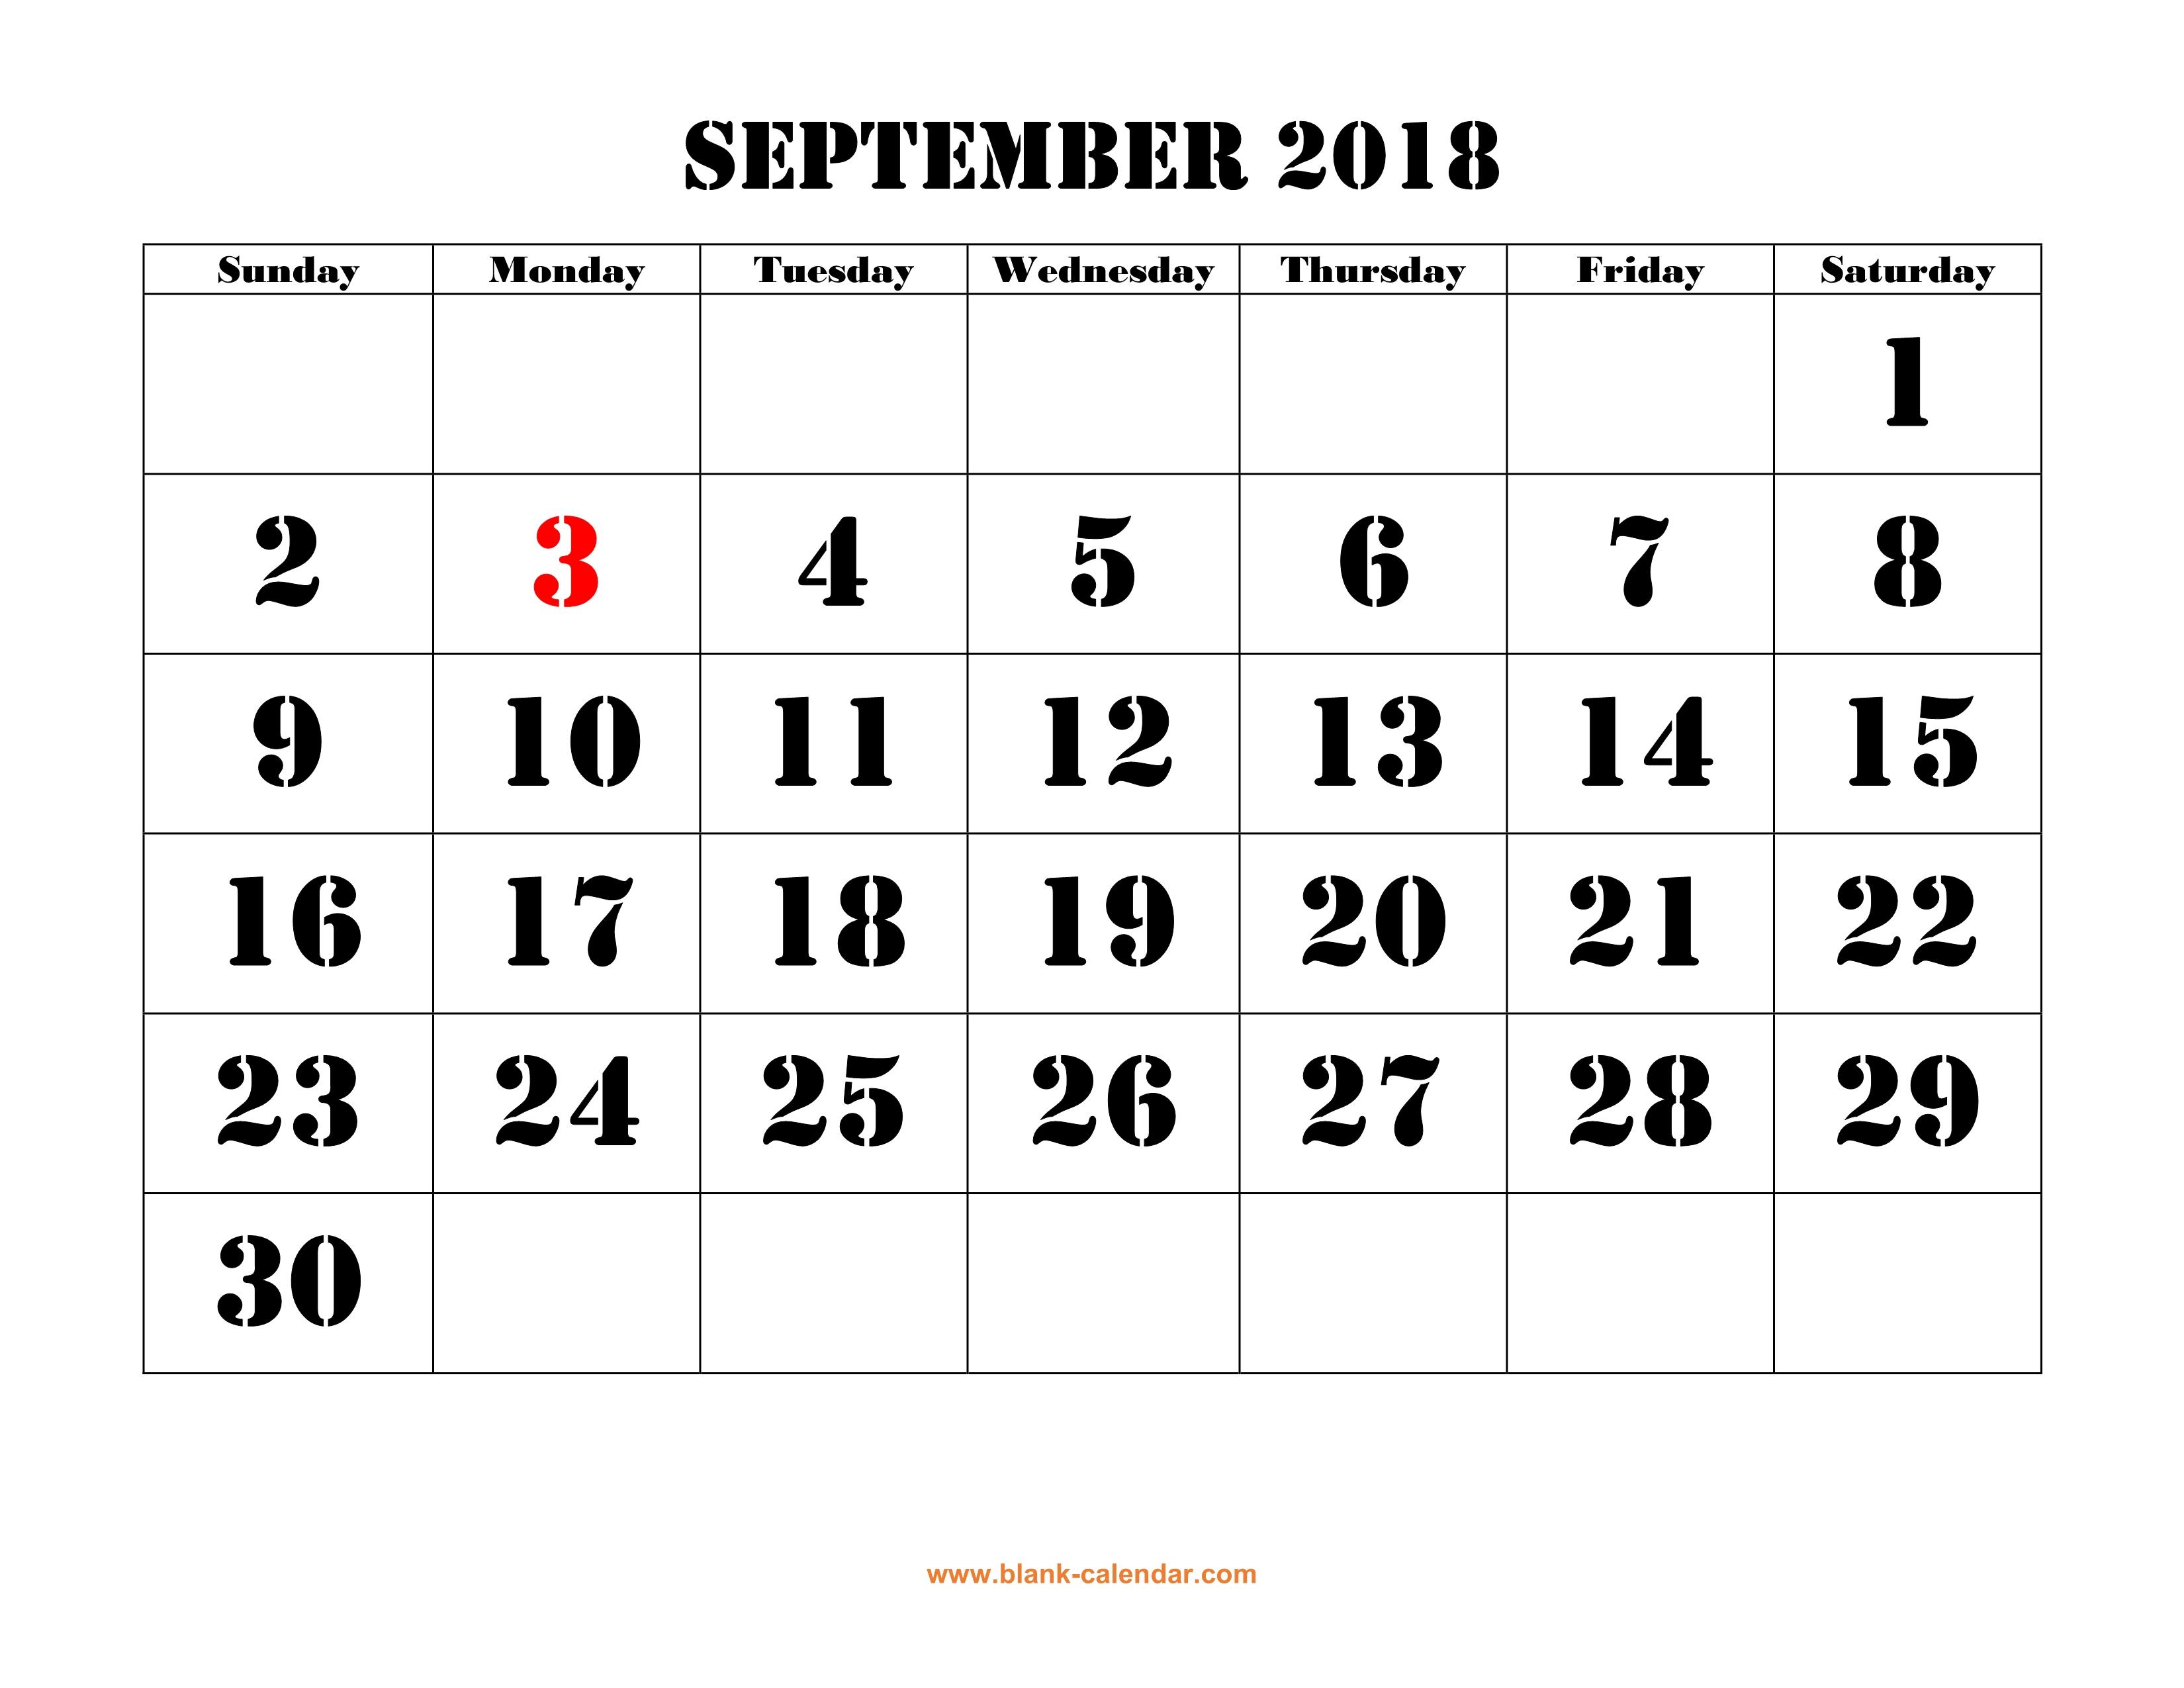 Free Download Printable September 2018 Calendar, Large Font Design with Blank Bold December Calendar